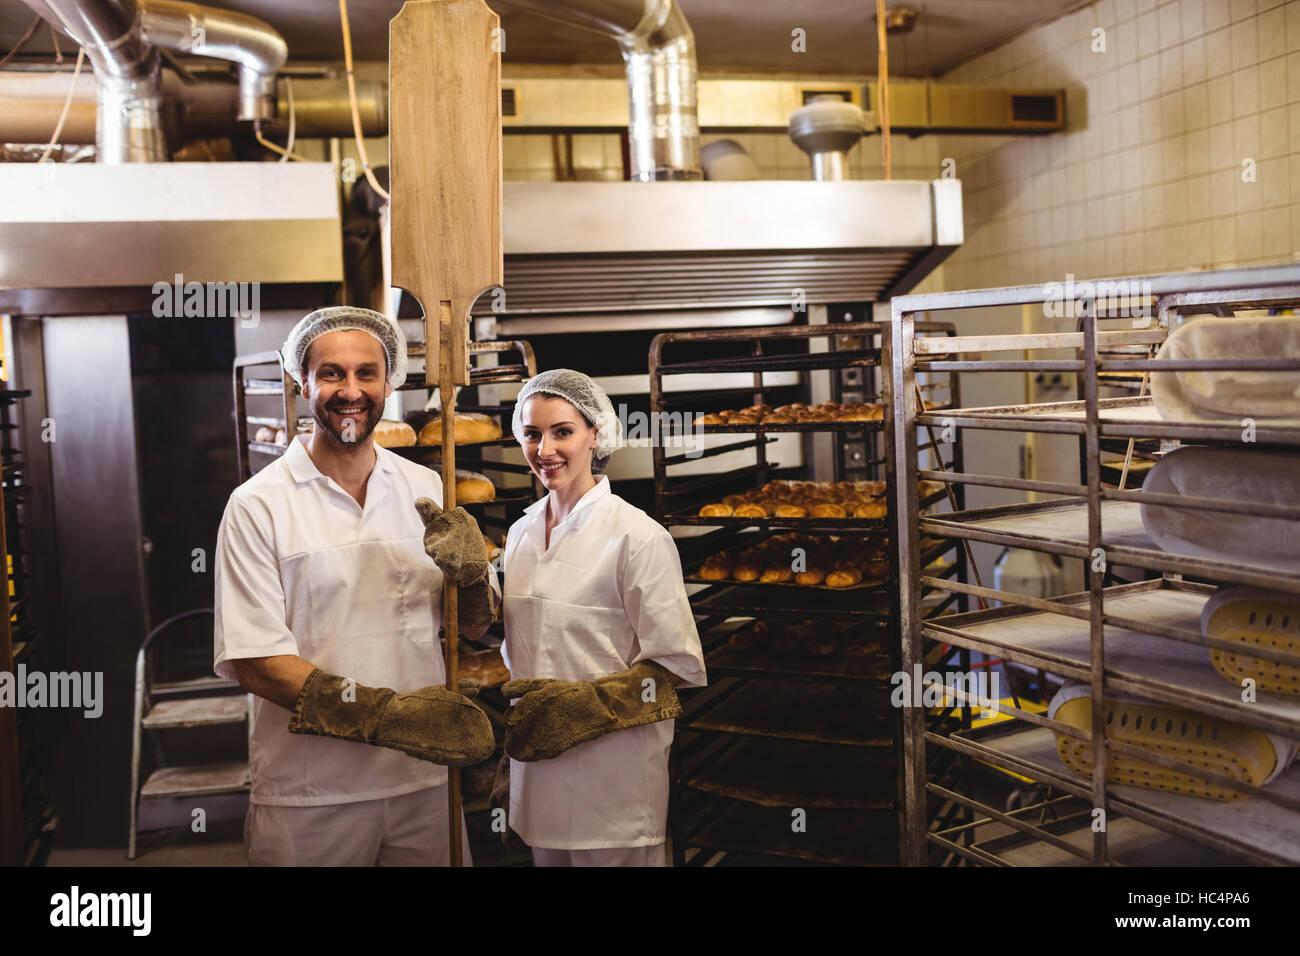 Retrato de macho y hembra baker juntos Imagen De Stock